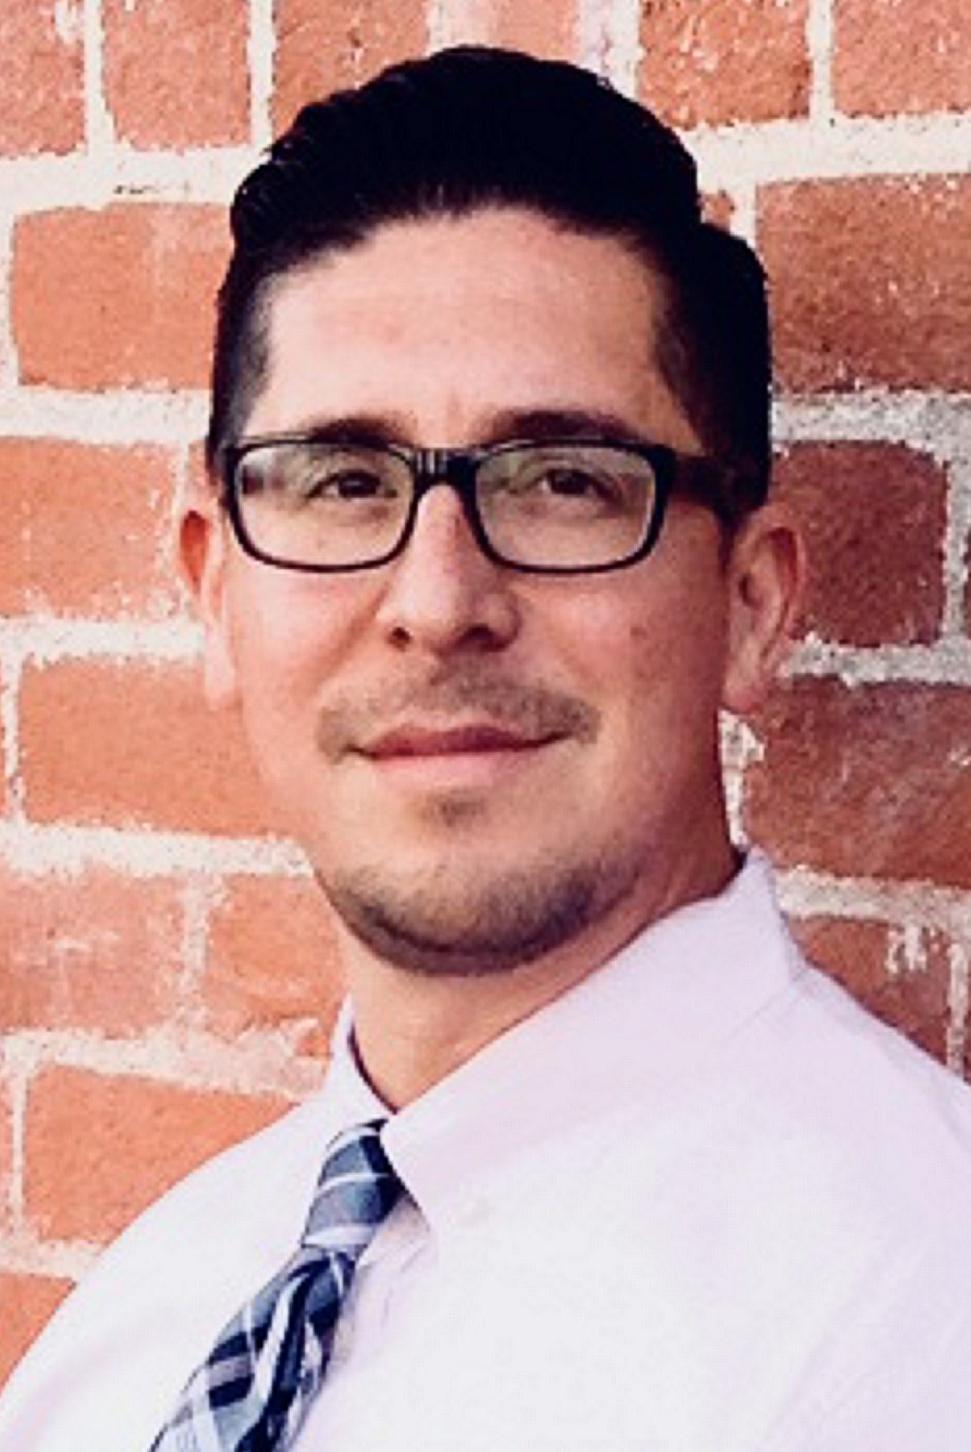 Michael Caballero